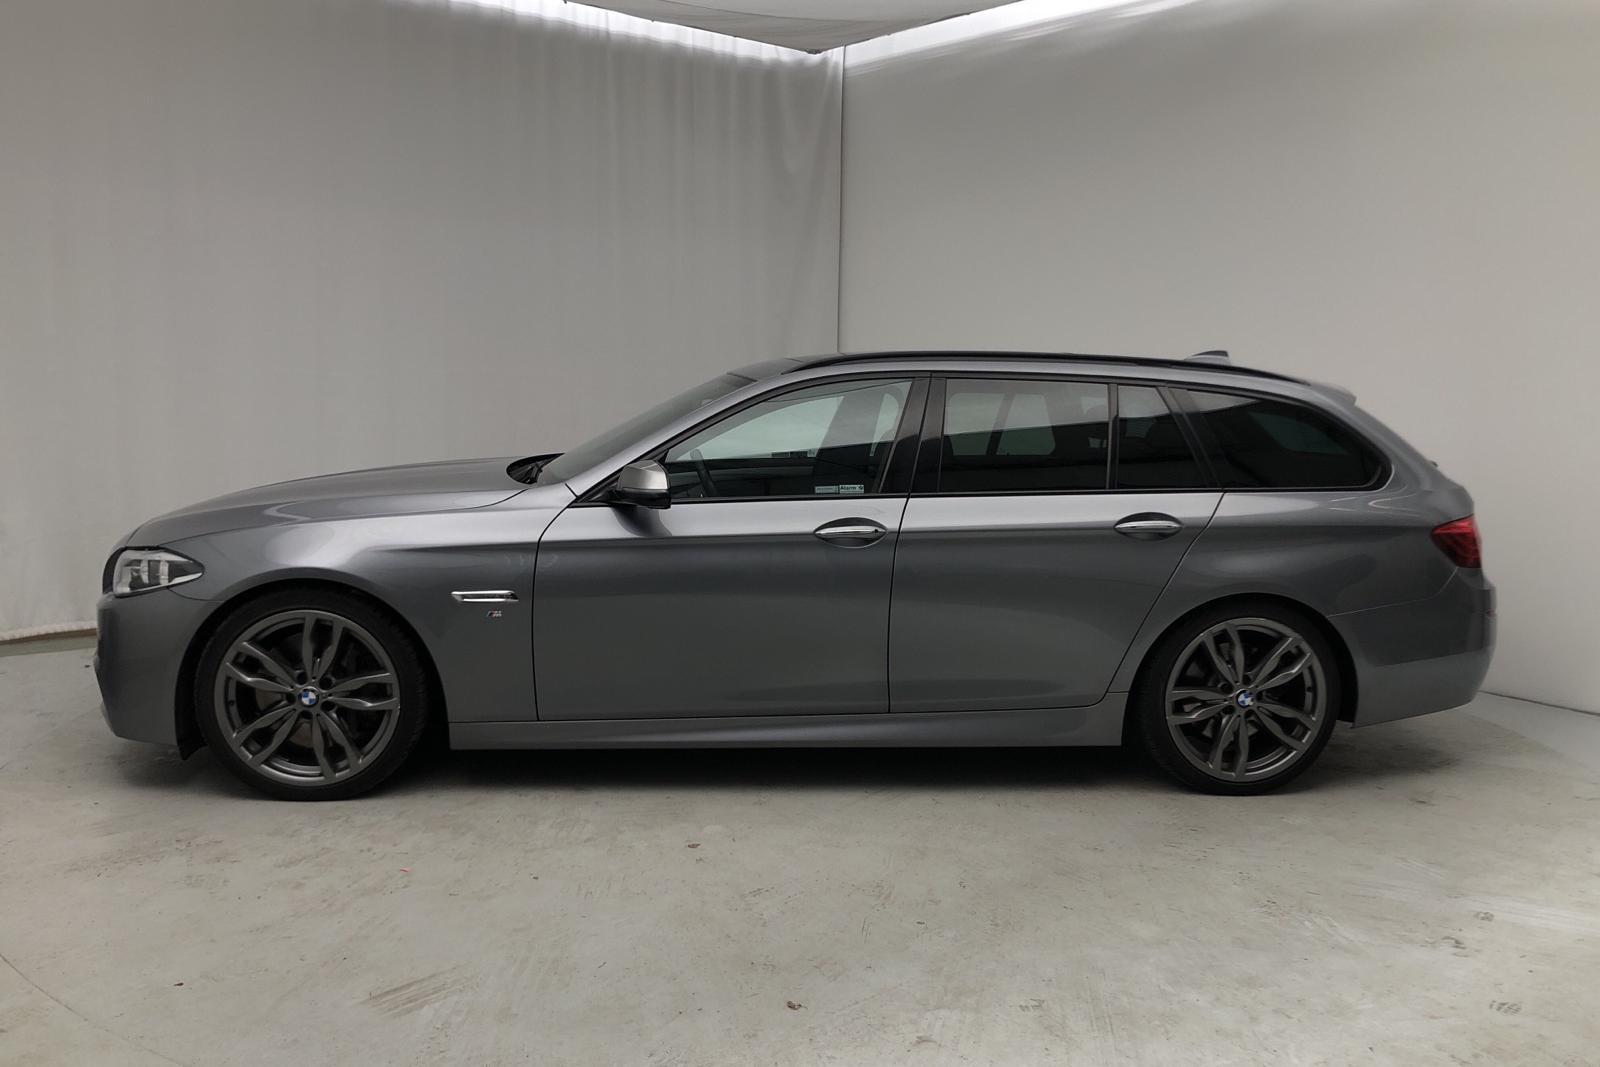 BMW M550d xDrive Touring, F11 (381hk) - 129 000 km - Automatic - gray - 2014